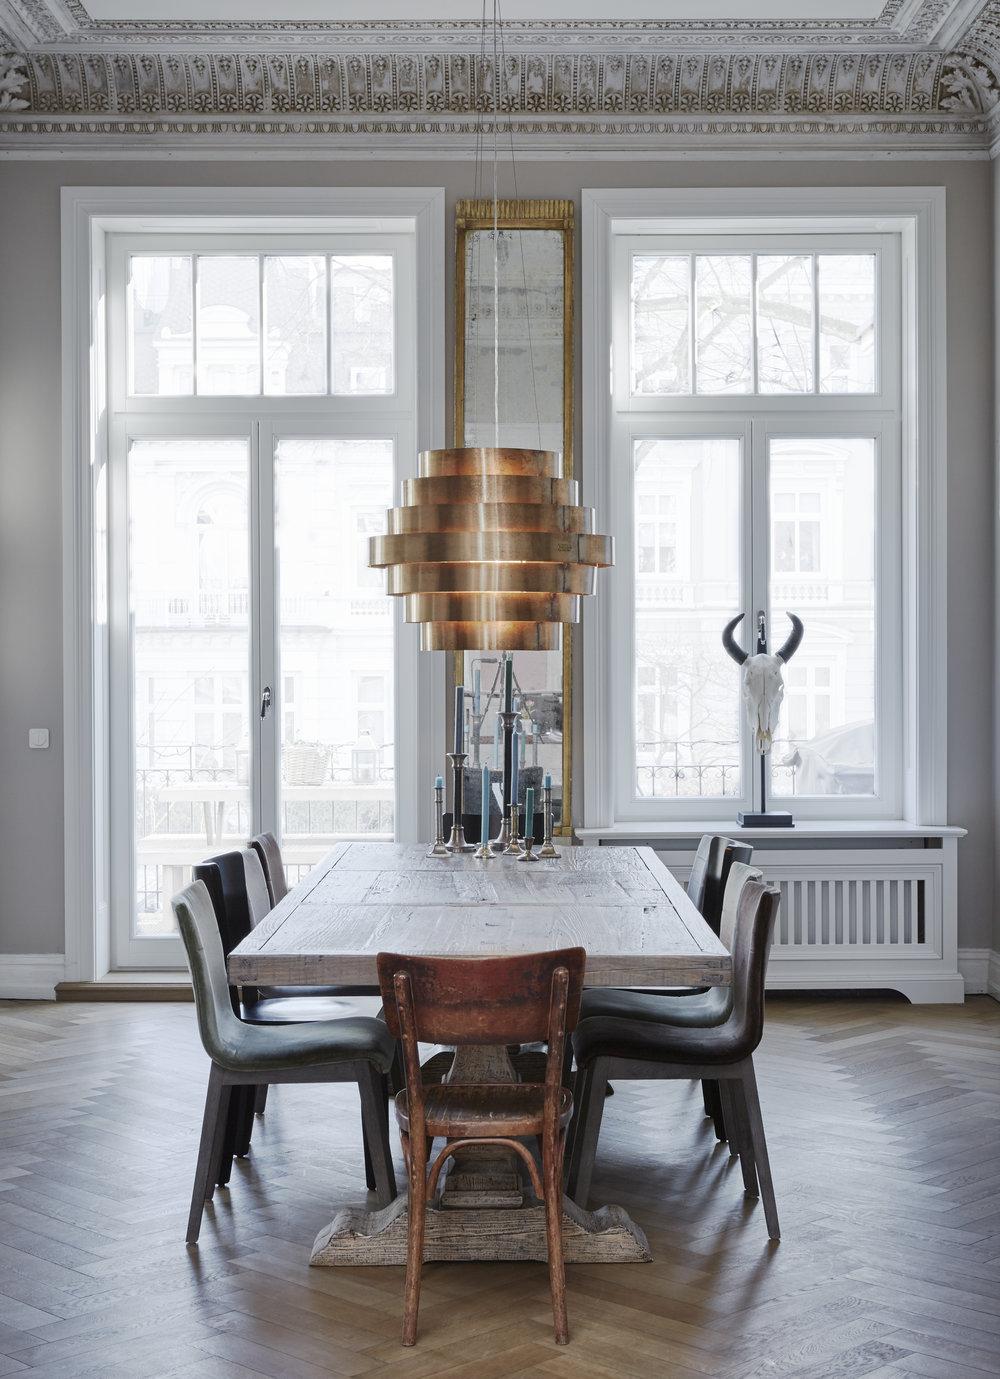 Coole+Messing+Hängeleuchte,+Esszimmer,+grober+Holztisch.jpg